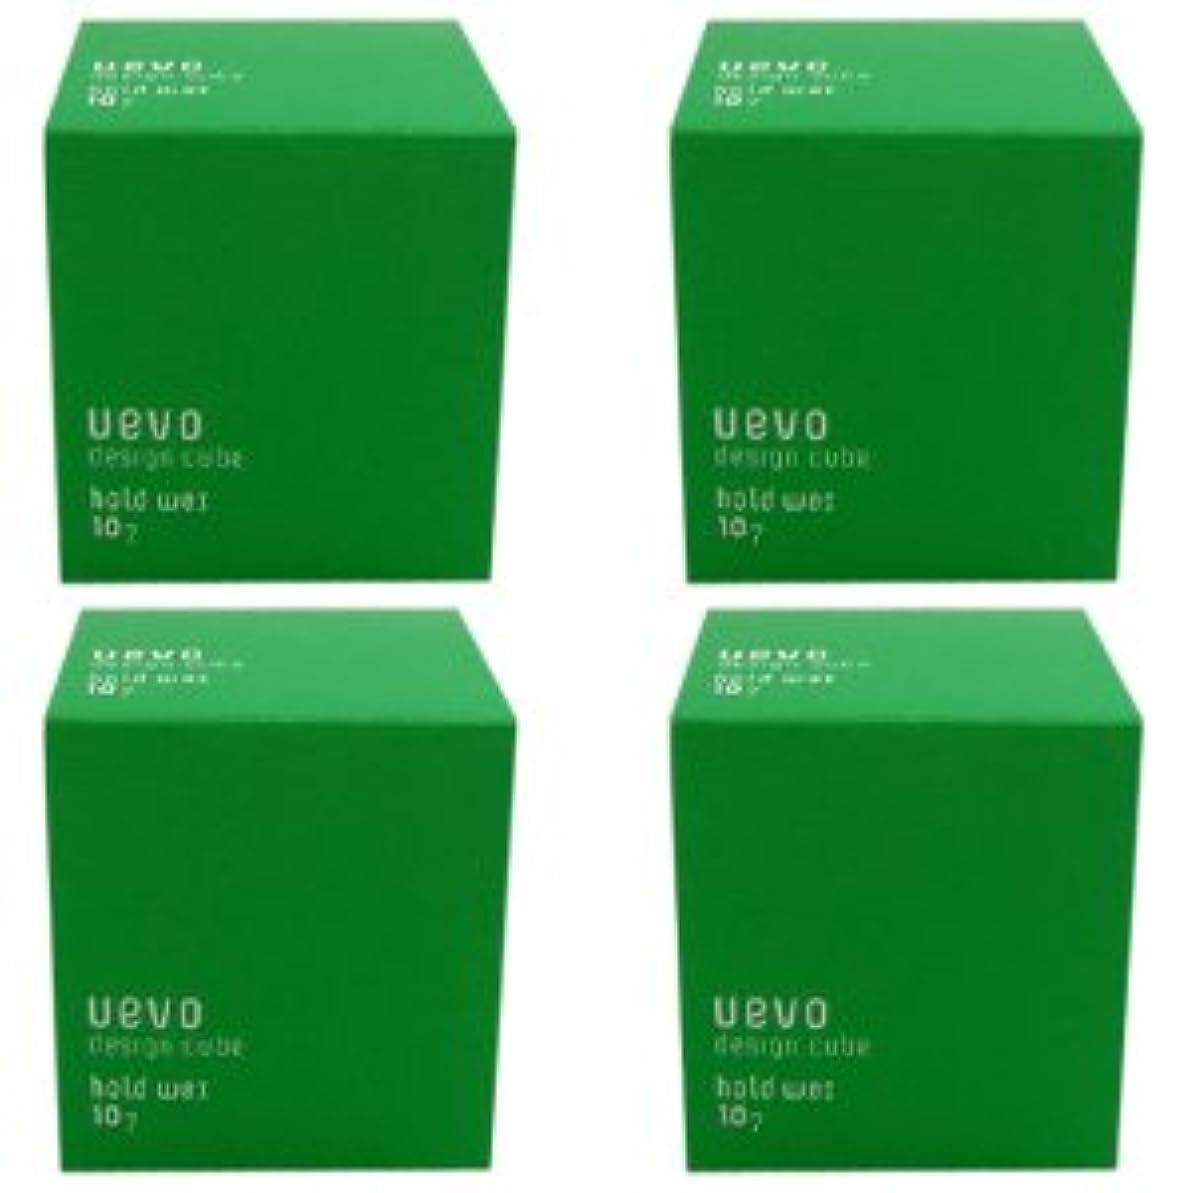 痛み好色な立方体【X4個セット】 デミ ウェーボ デザインキューブ ホールドワックス 80g hold wax